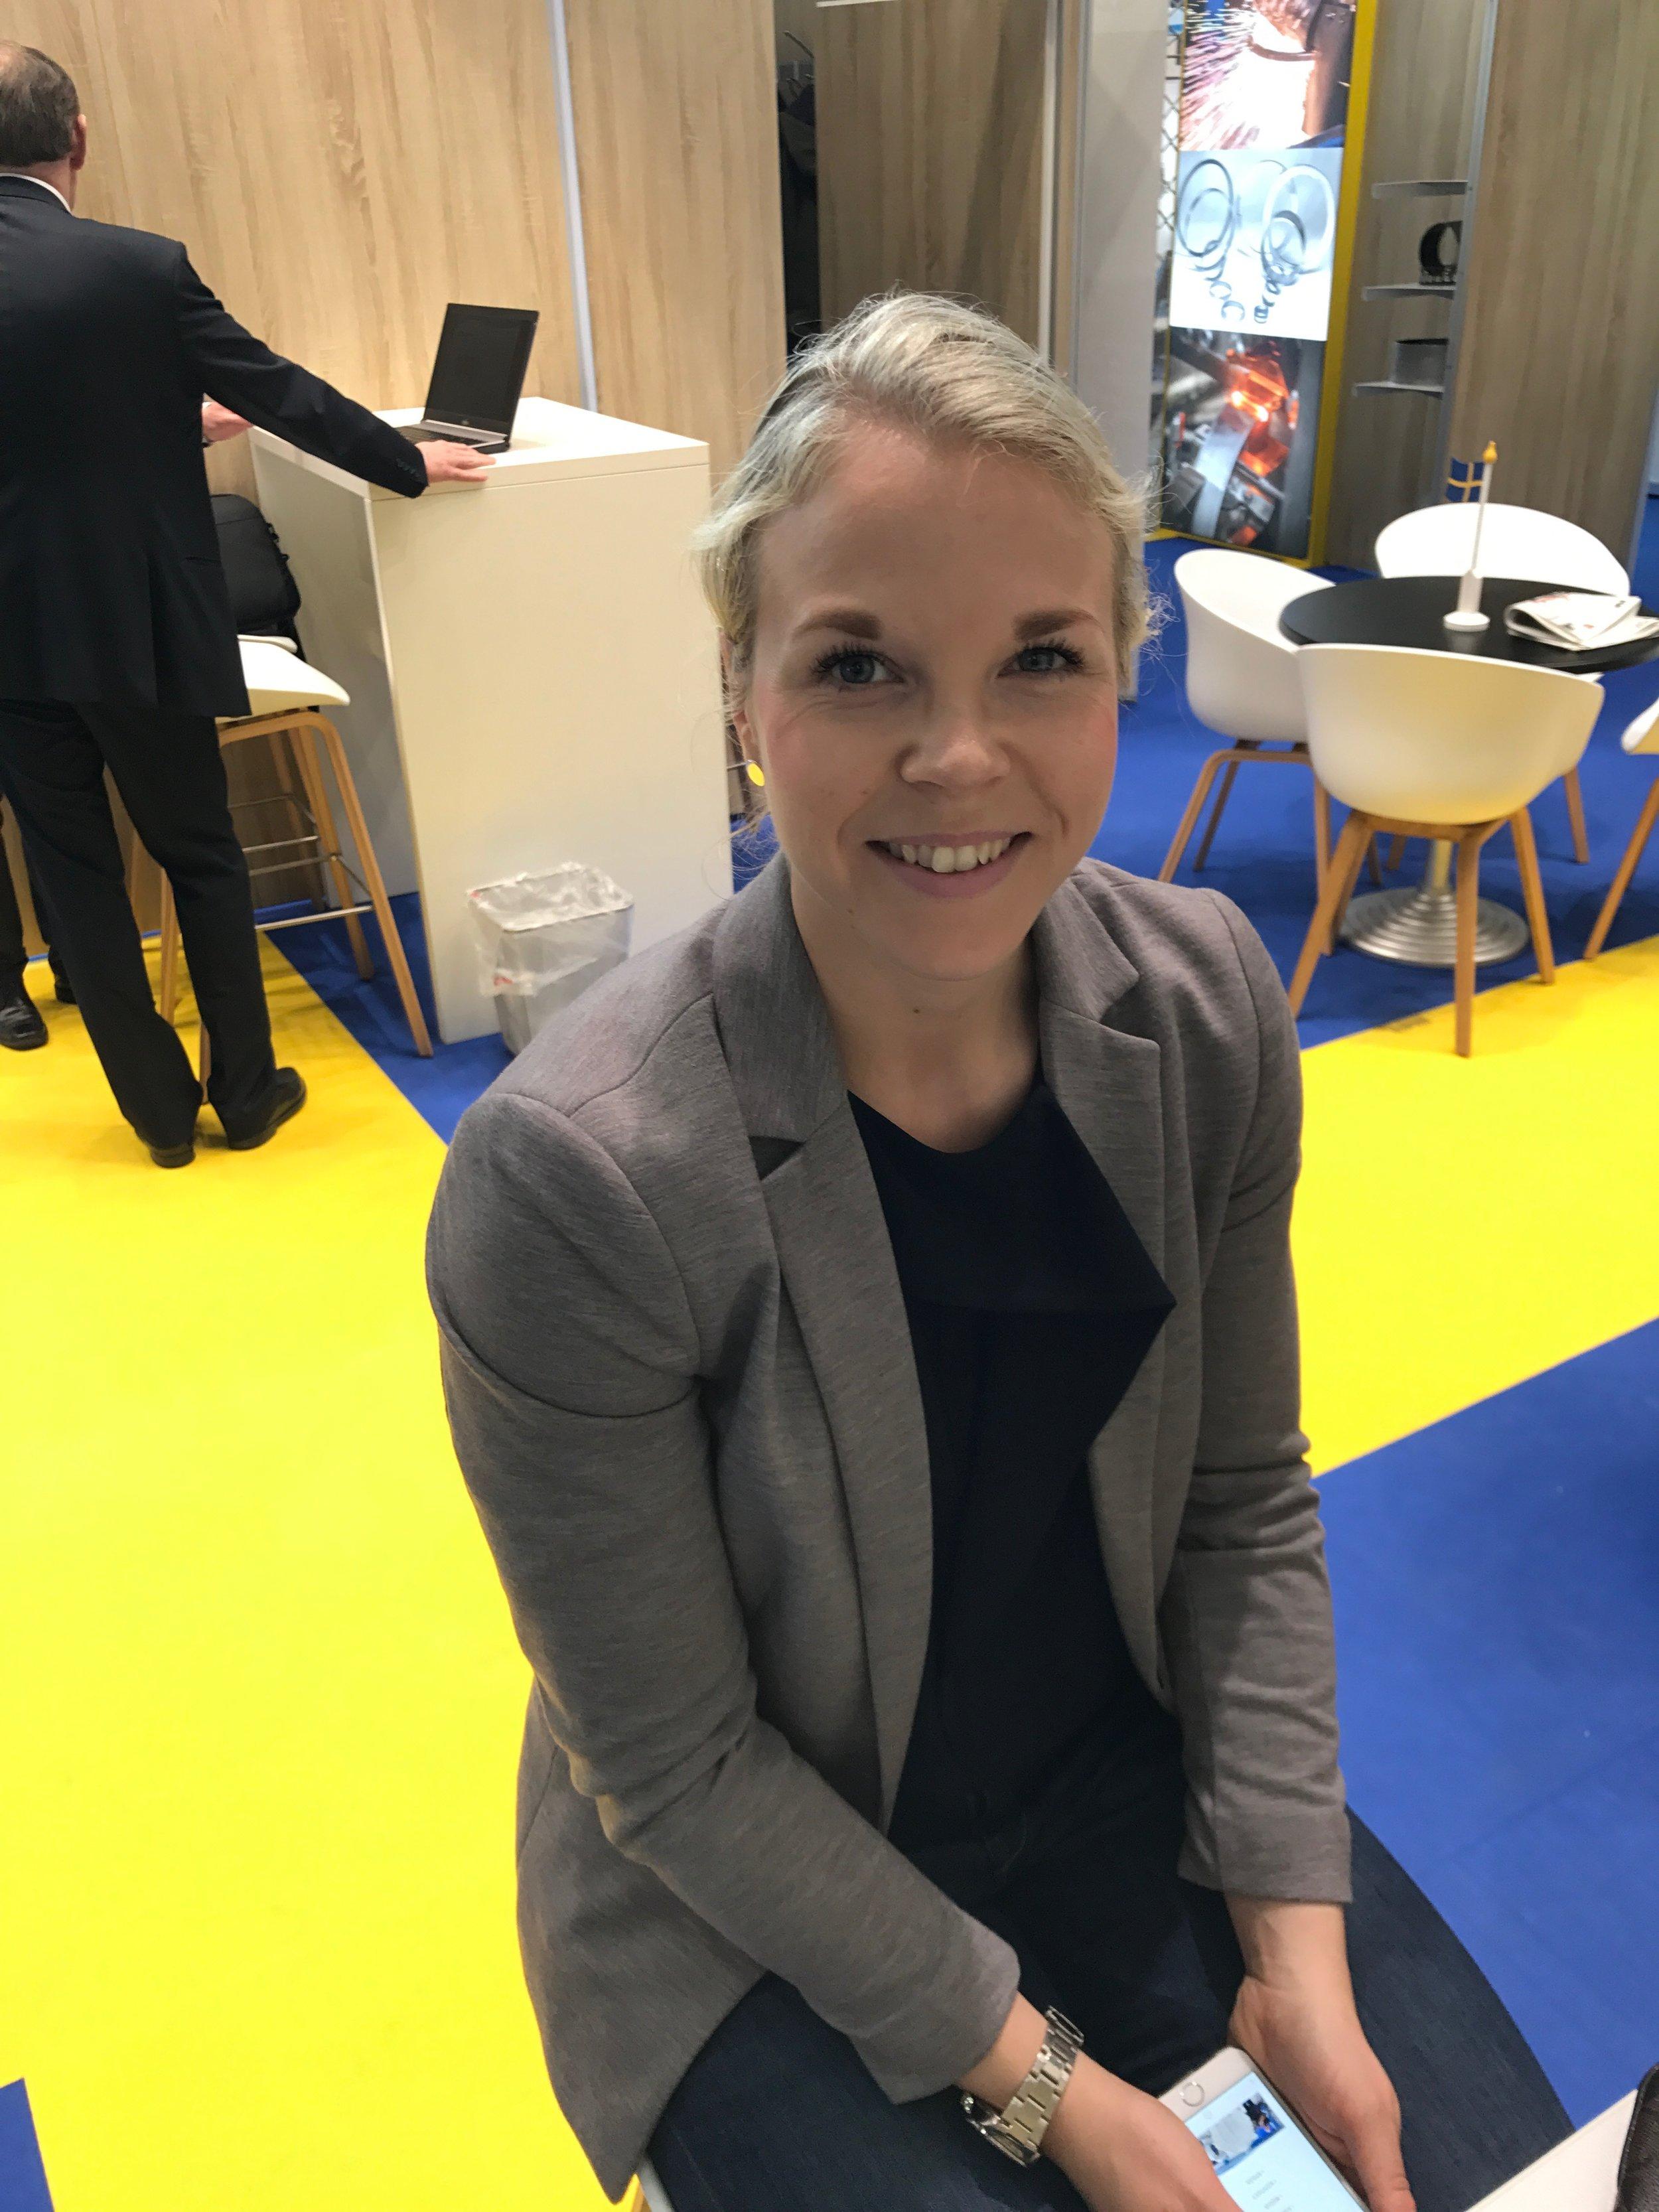 Johanna Rahm från elmia bistod oss utställare på plats i mässan med entusiasm och engagemang.